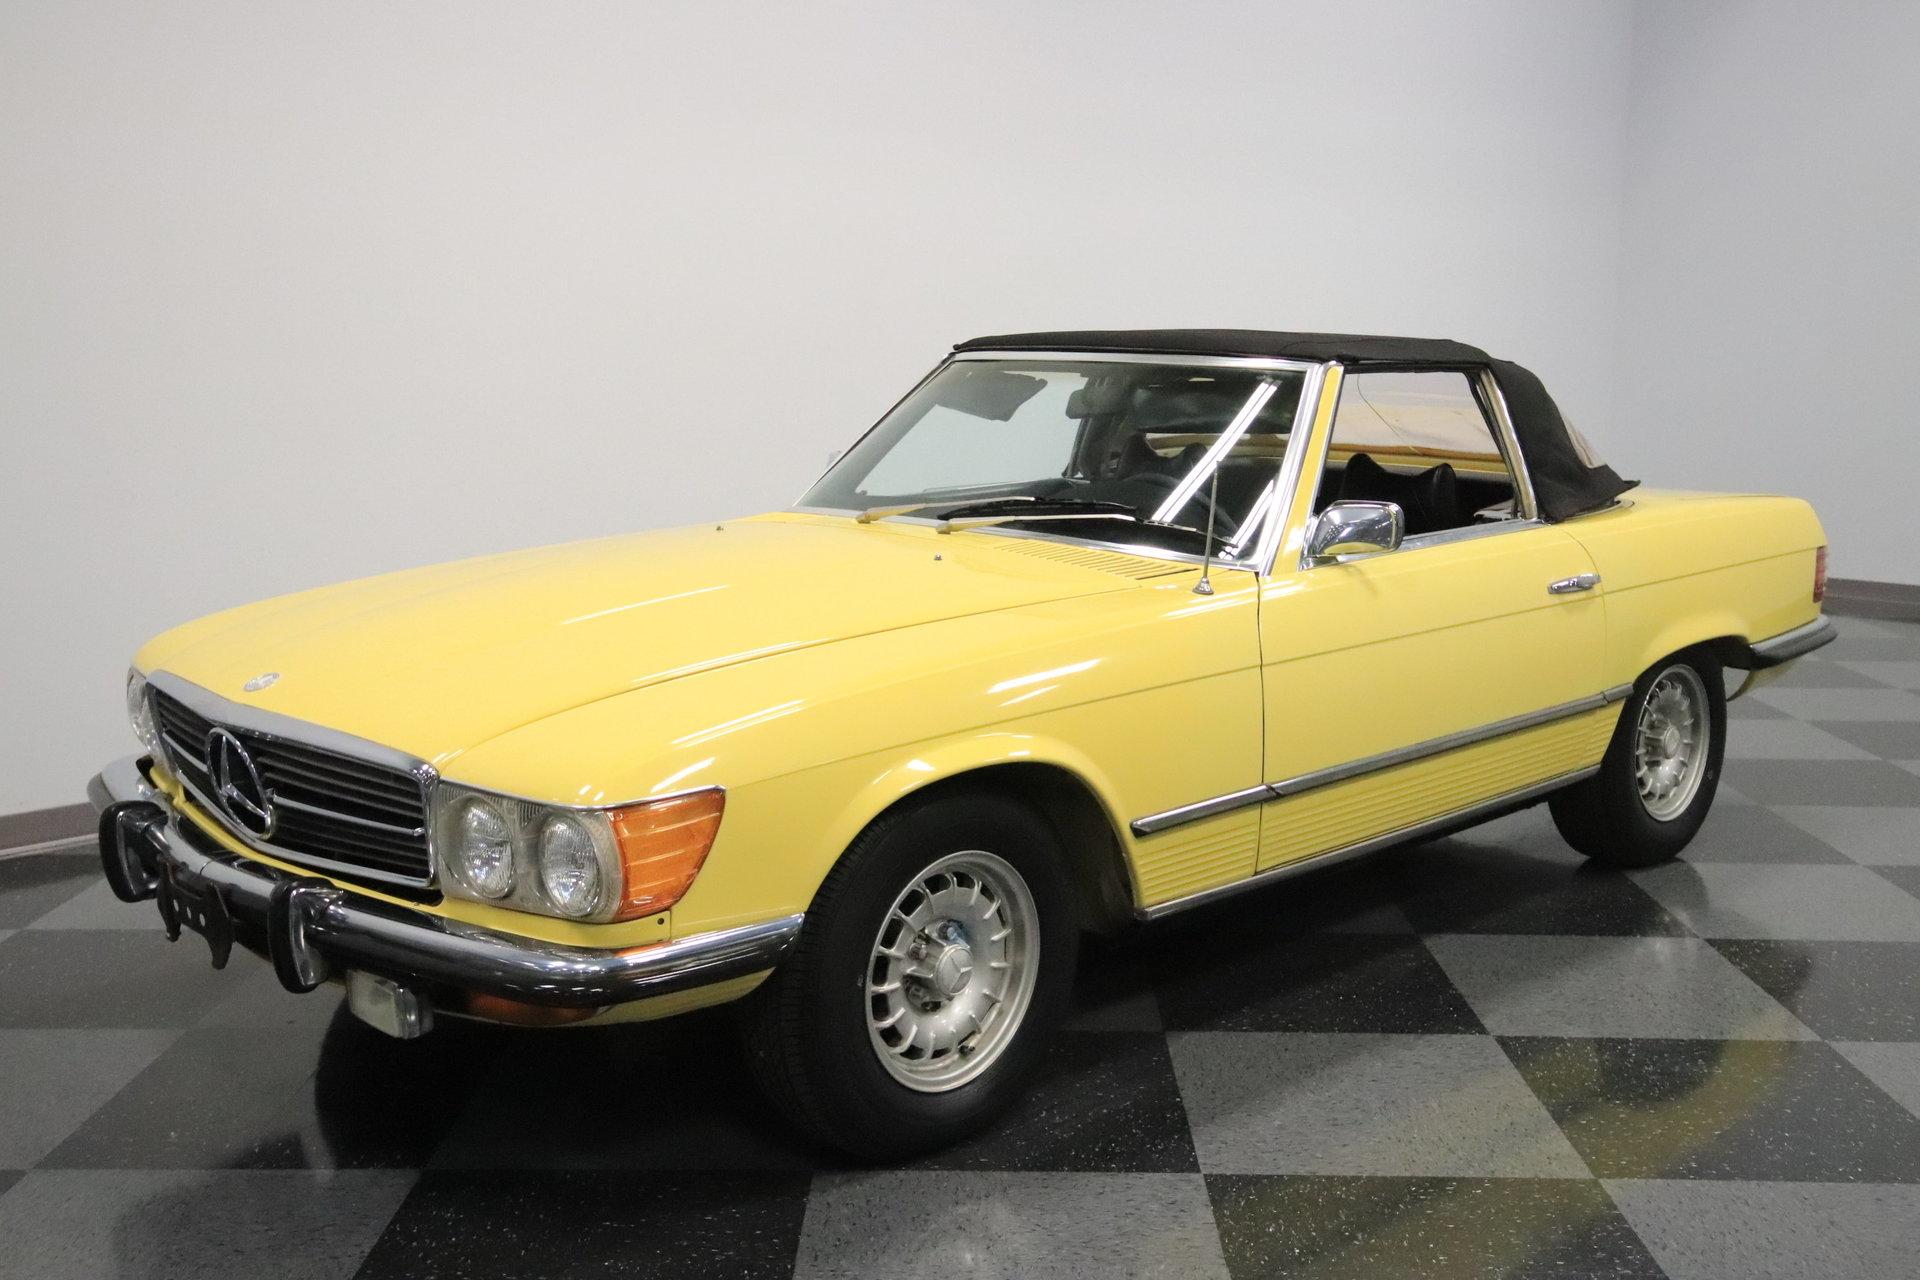 1973 mercedes benz 450sl streetside classics the nation s rh streetsideclassics com 1974 450SL Fuel Pump 1969 450SL